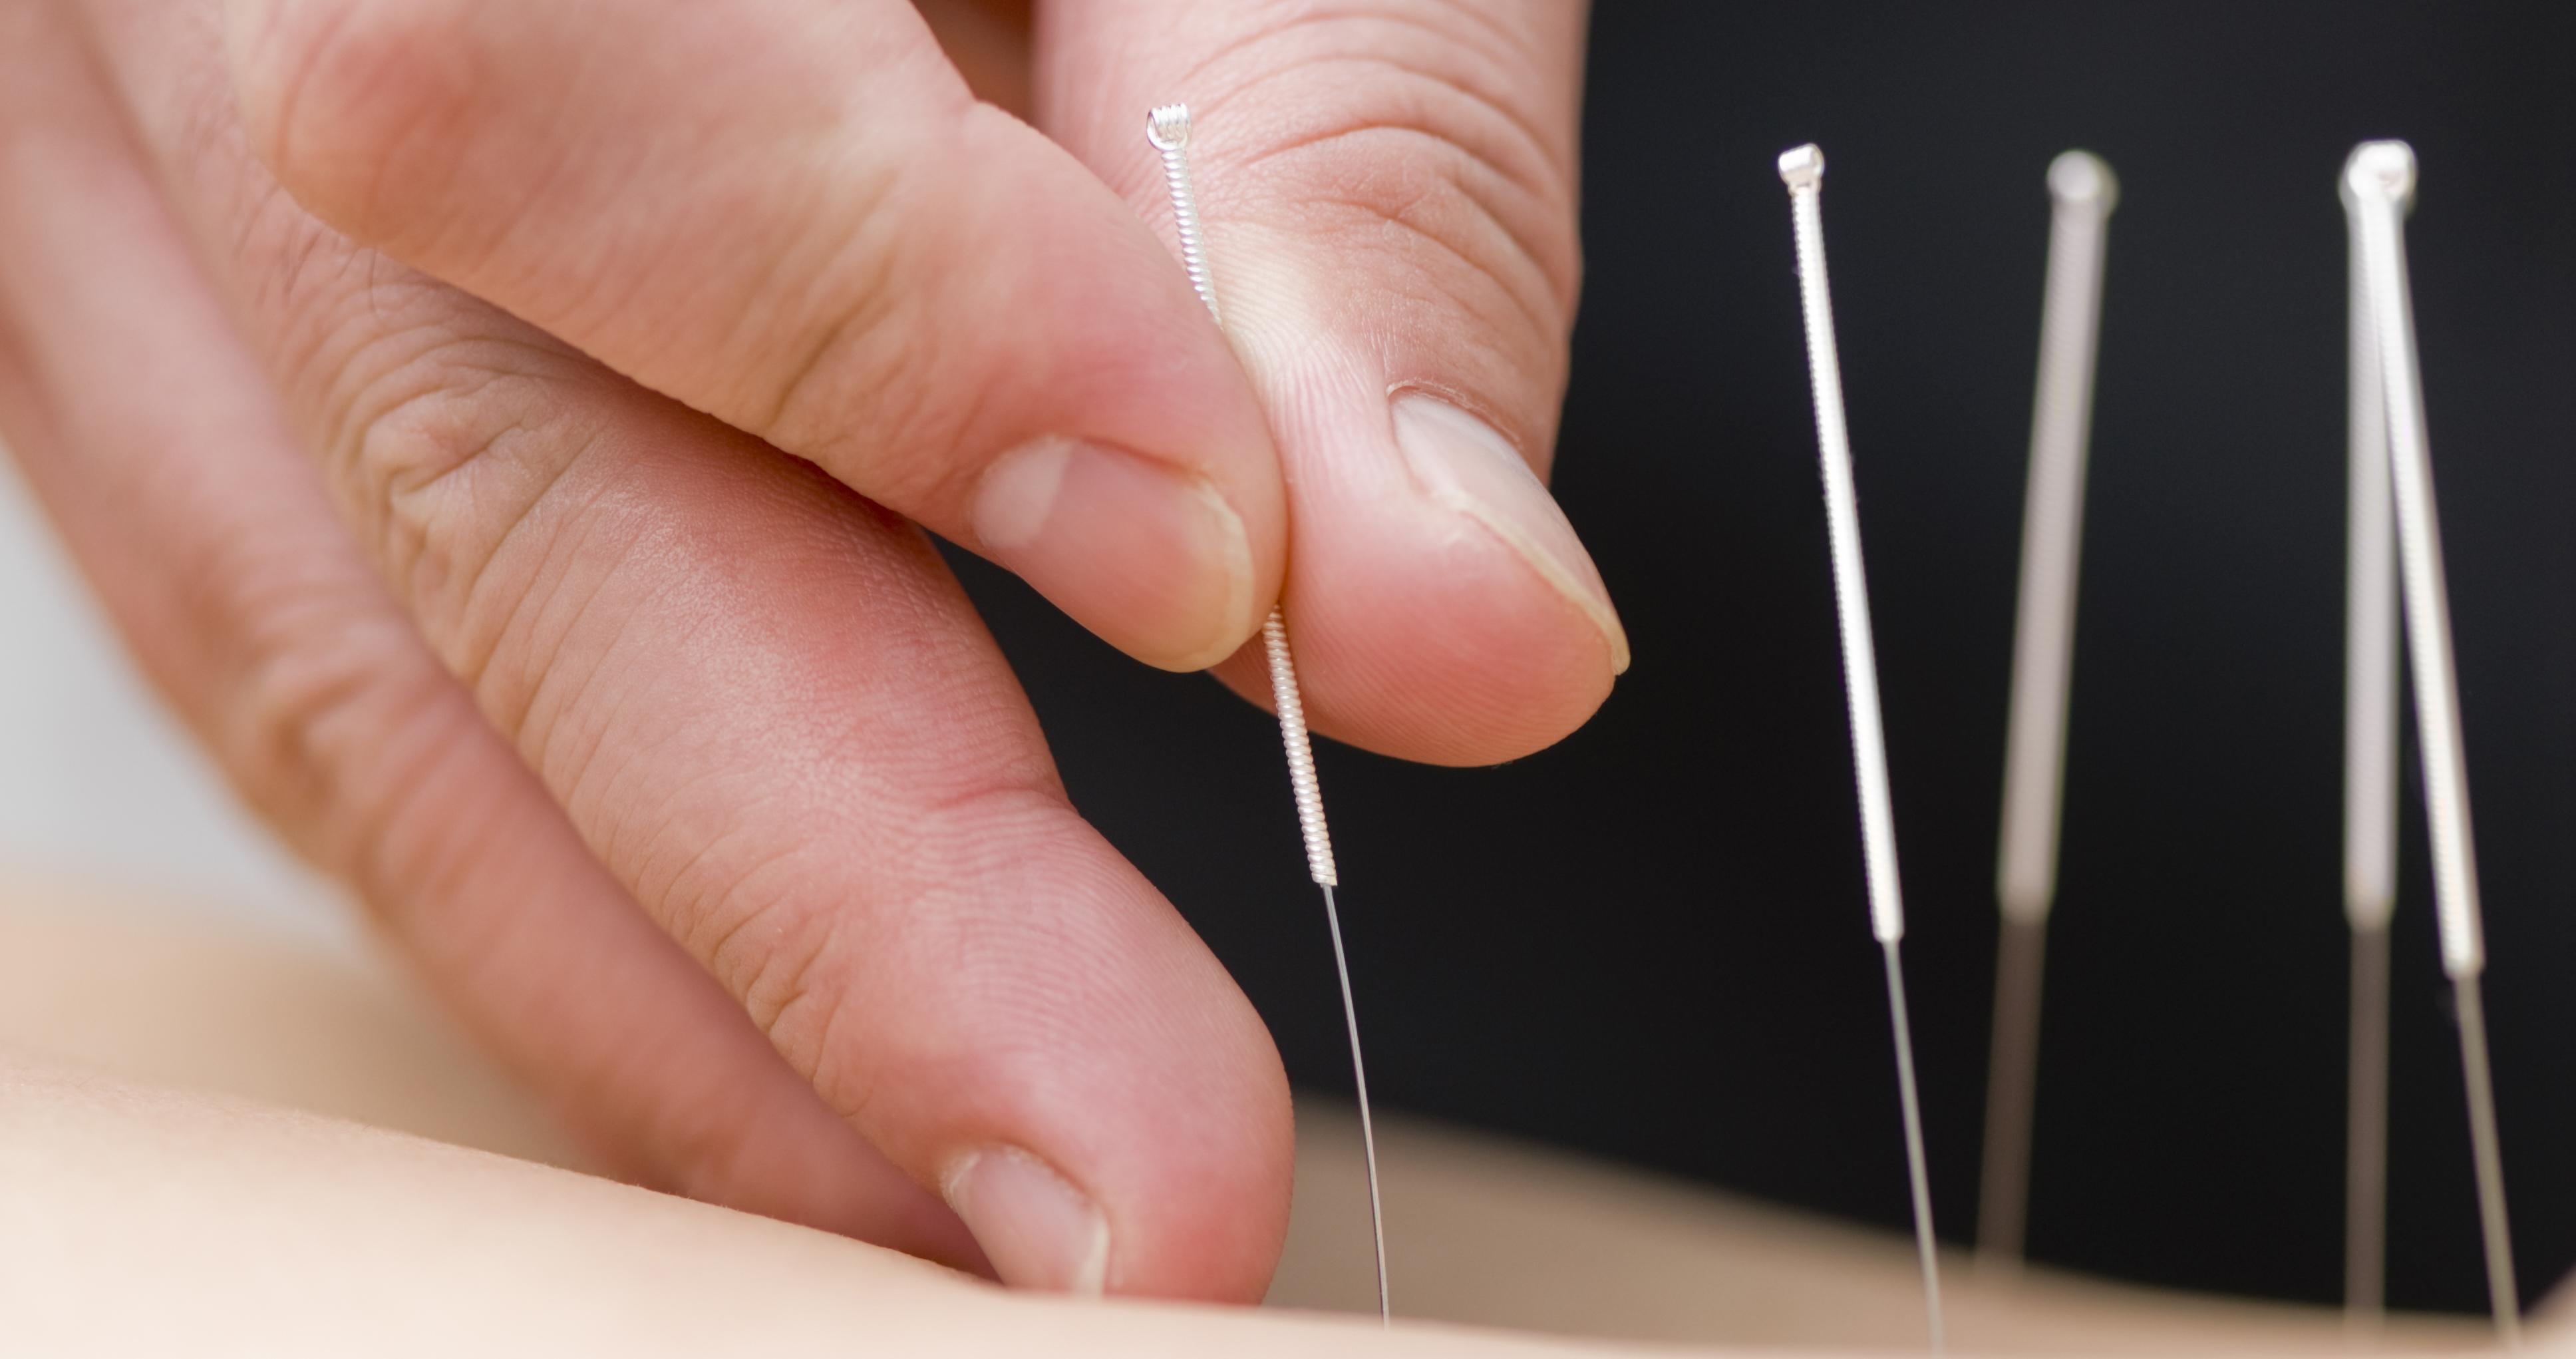 pain management articles, Blog, Premier Health Care